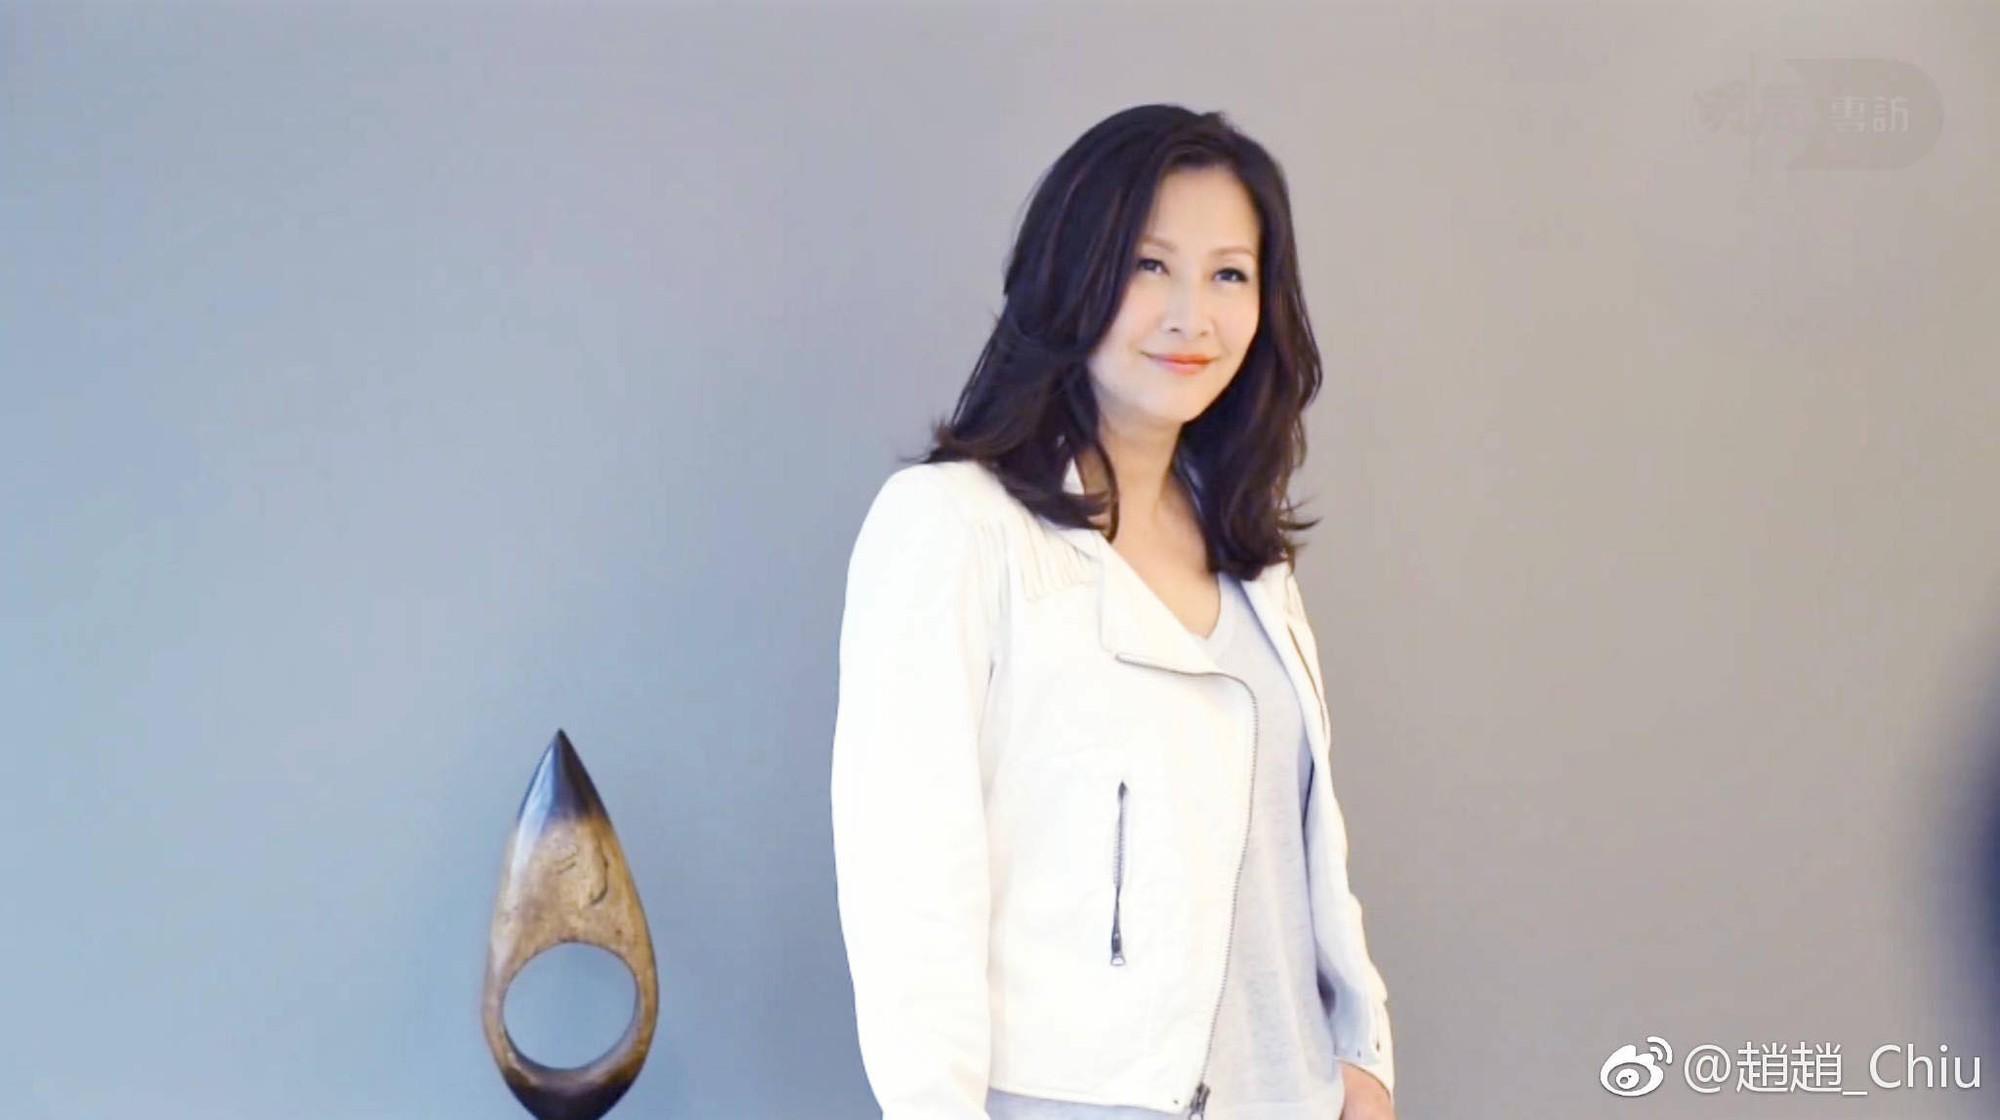 Thị Hậu TVB Trần Tuệ San: 2 lần lên xe hoa, oằn mình nuôi gia đình khi chồng đại gia phá sản - Ảnh 7.